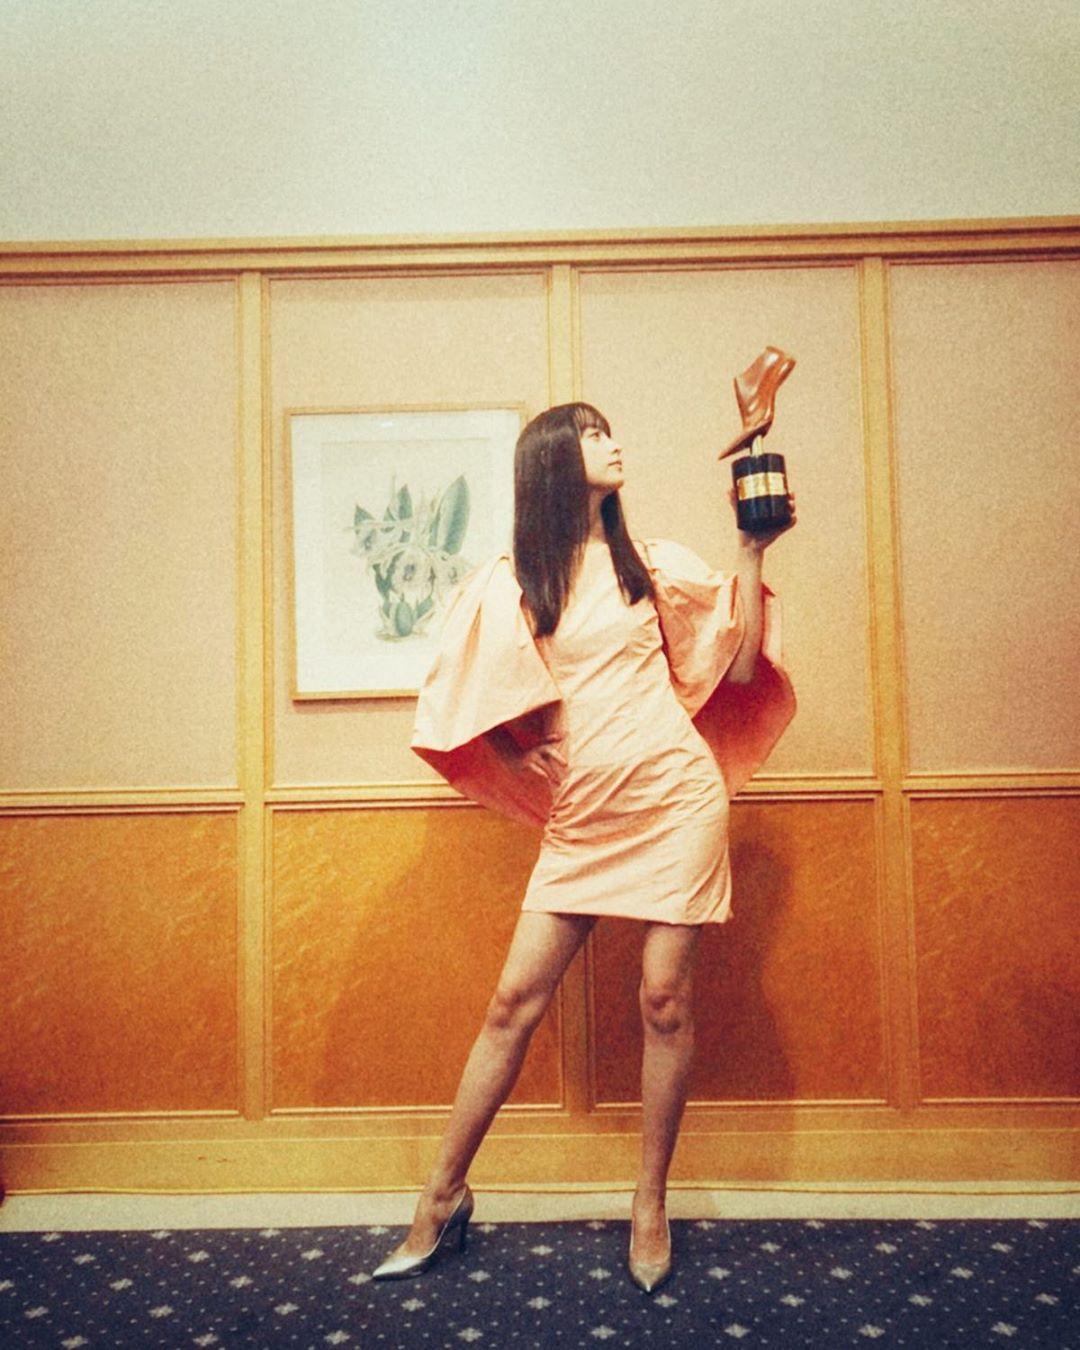 山本美月因获得美腿大奖表示:这一年的腿让人印象深刻